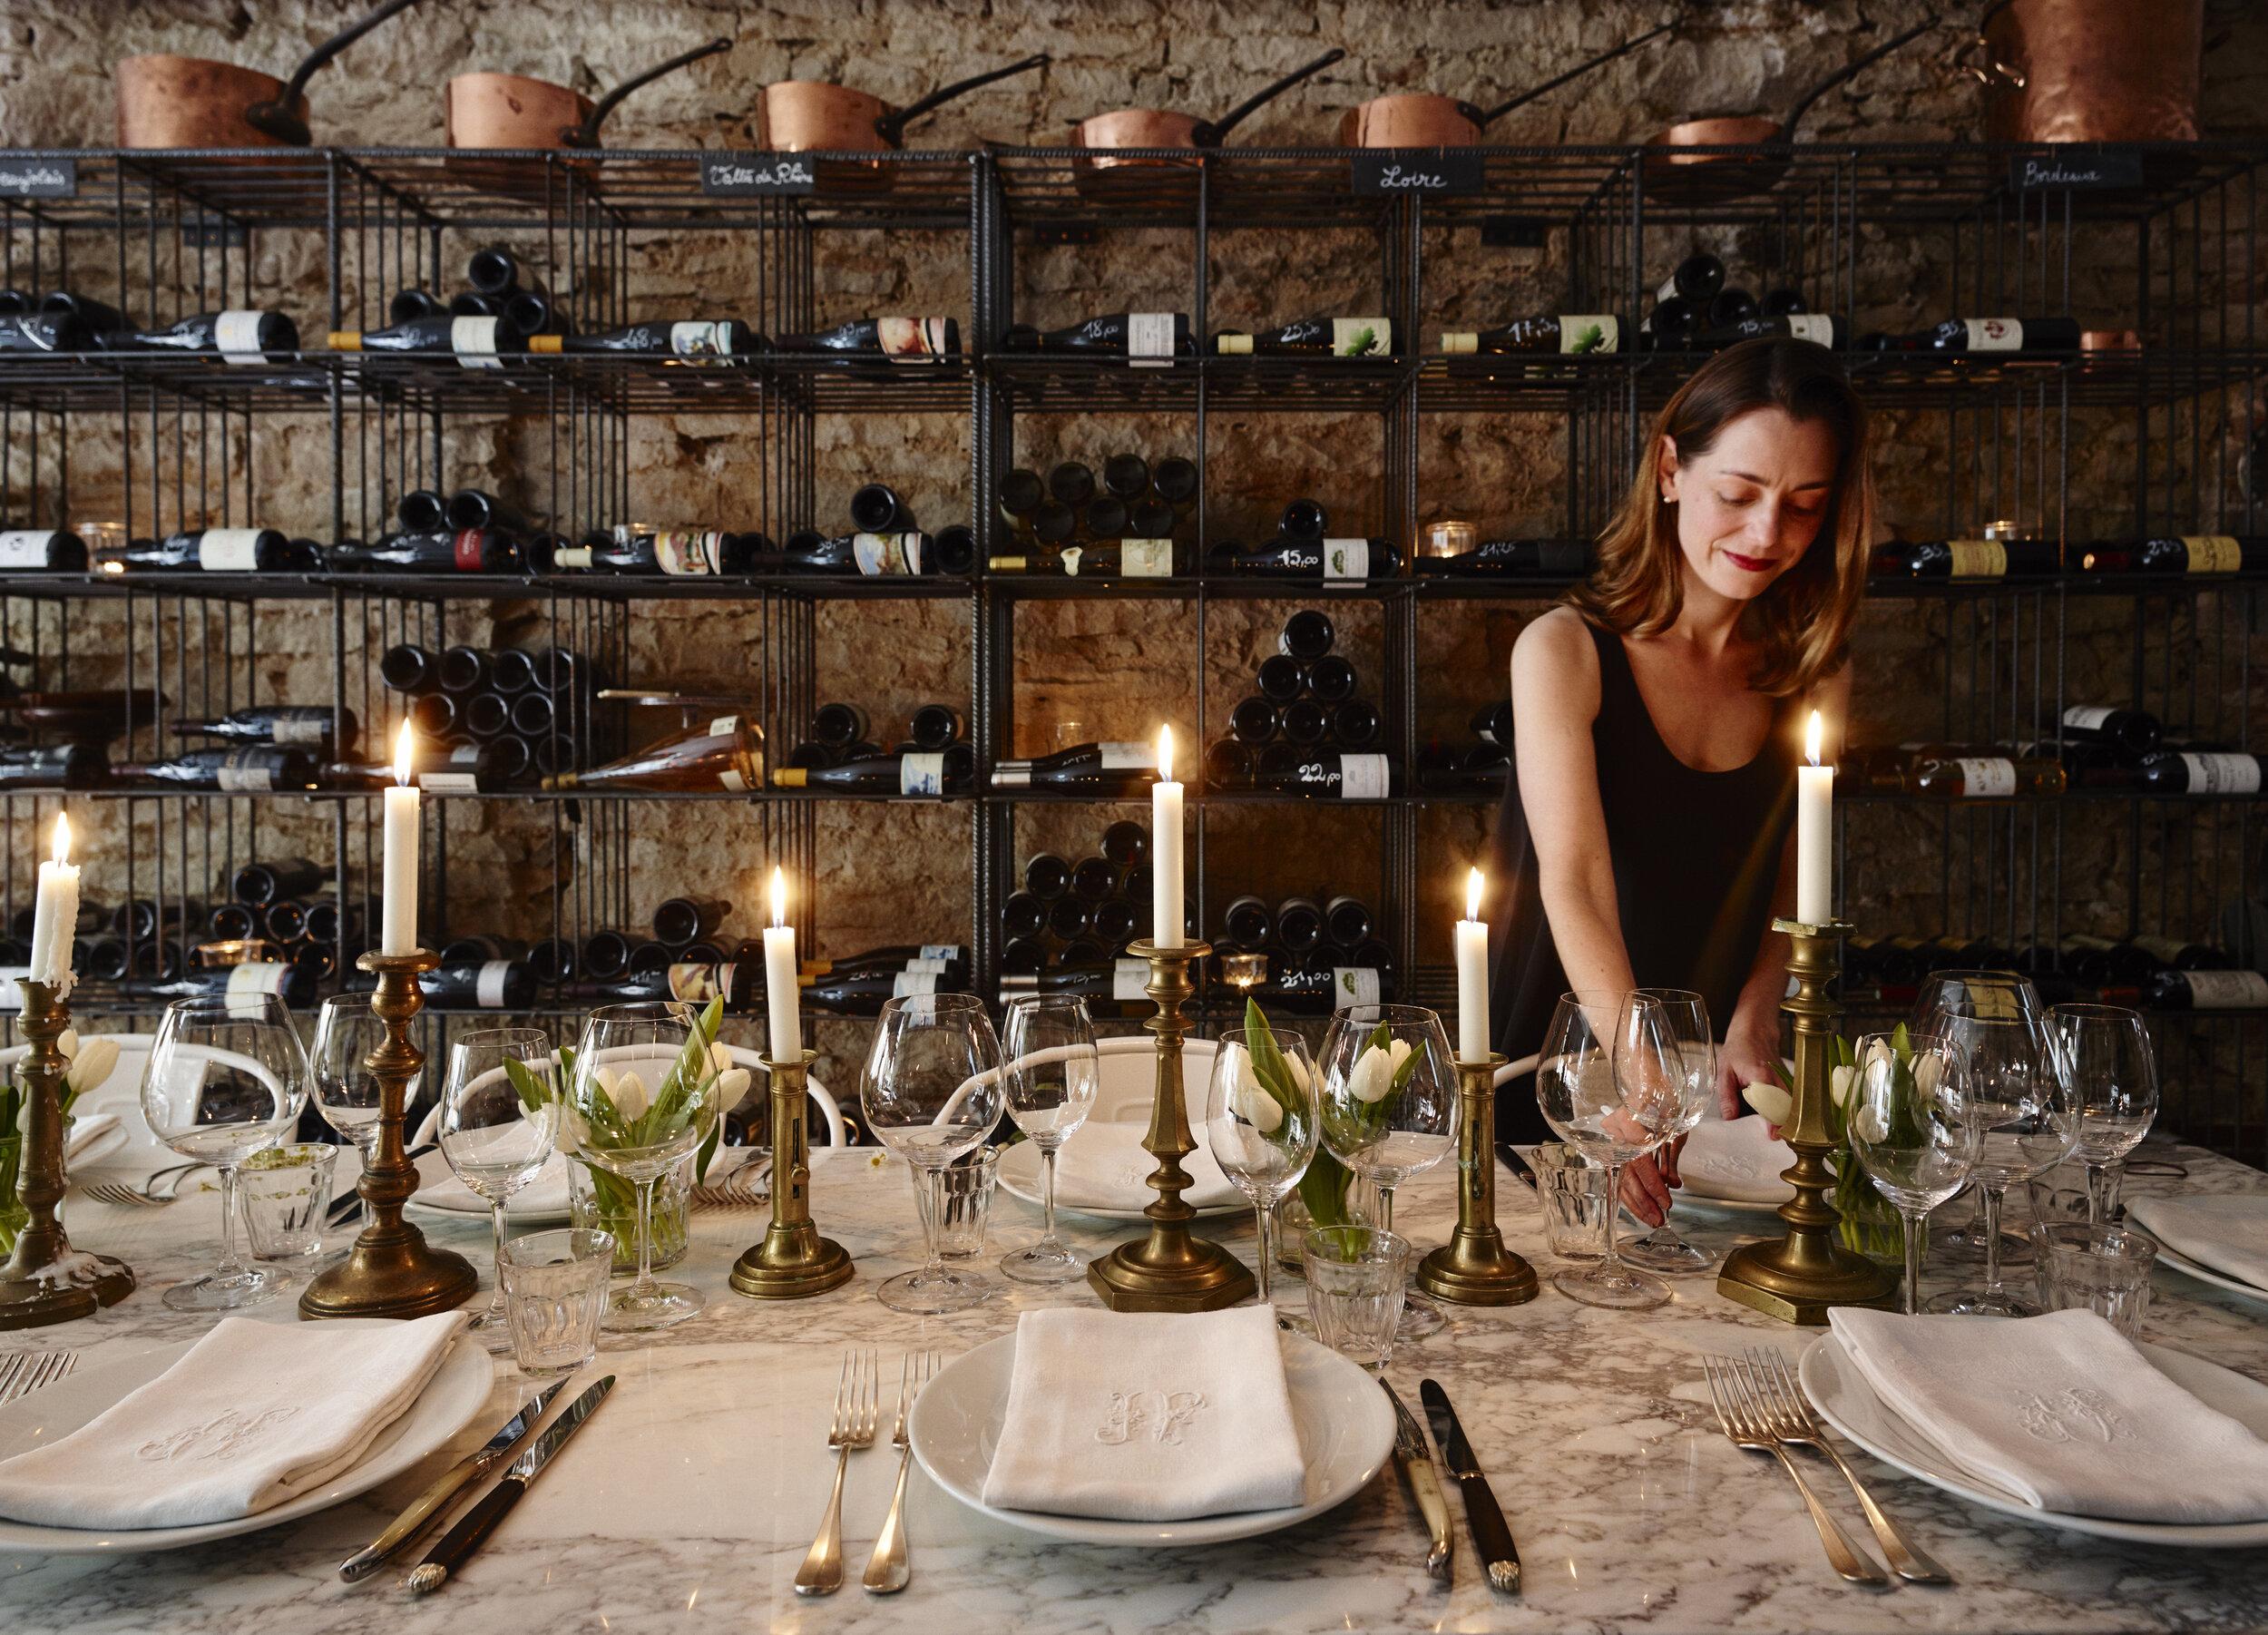 Wine_Dinner_138979.jpg